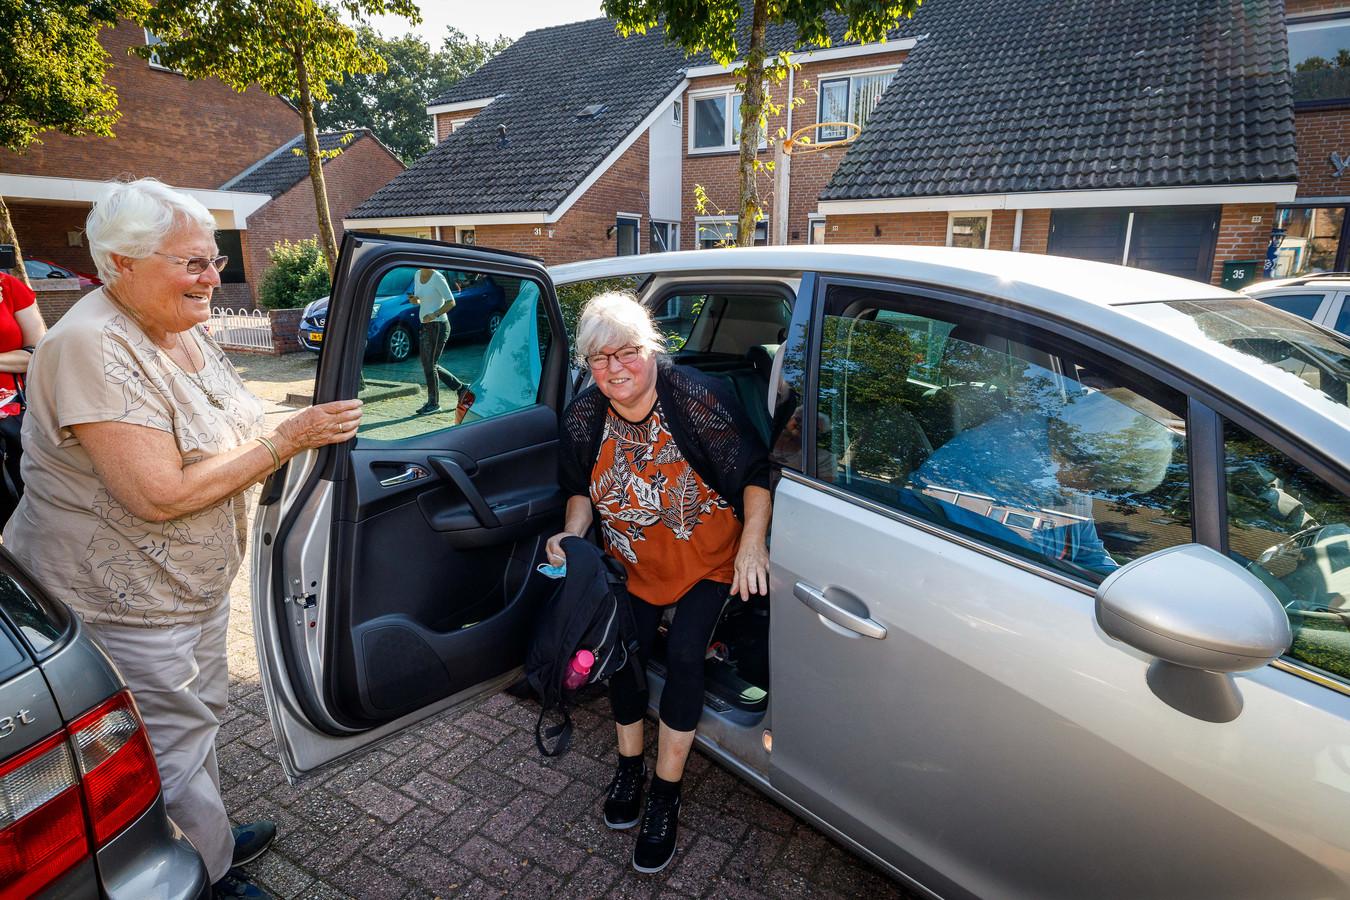 AutoMaatjes zoals Helen zijn belangrijk om passagiers zoals Ada van het ziekenhuis te halen.